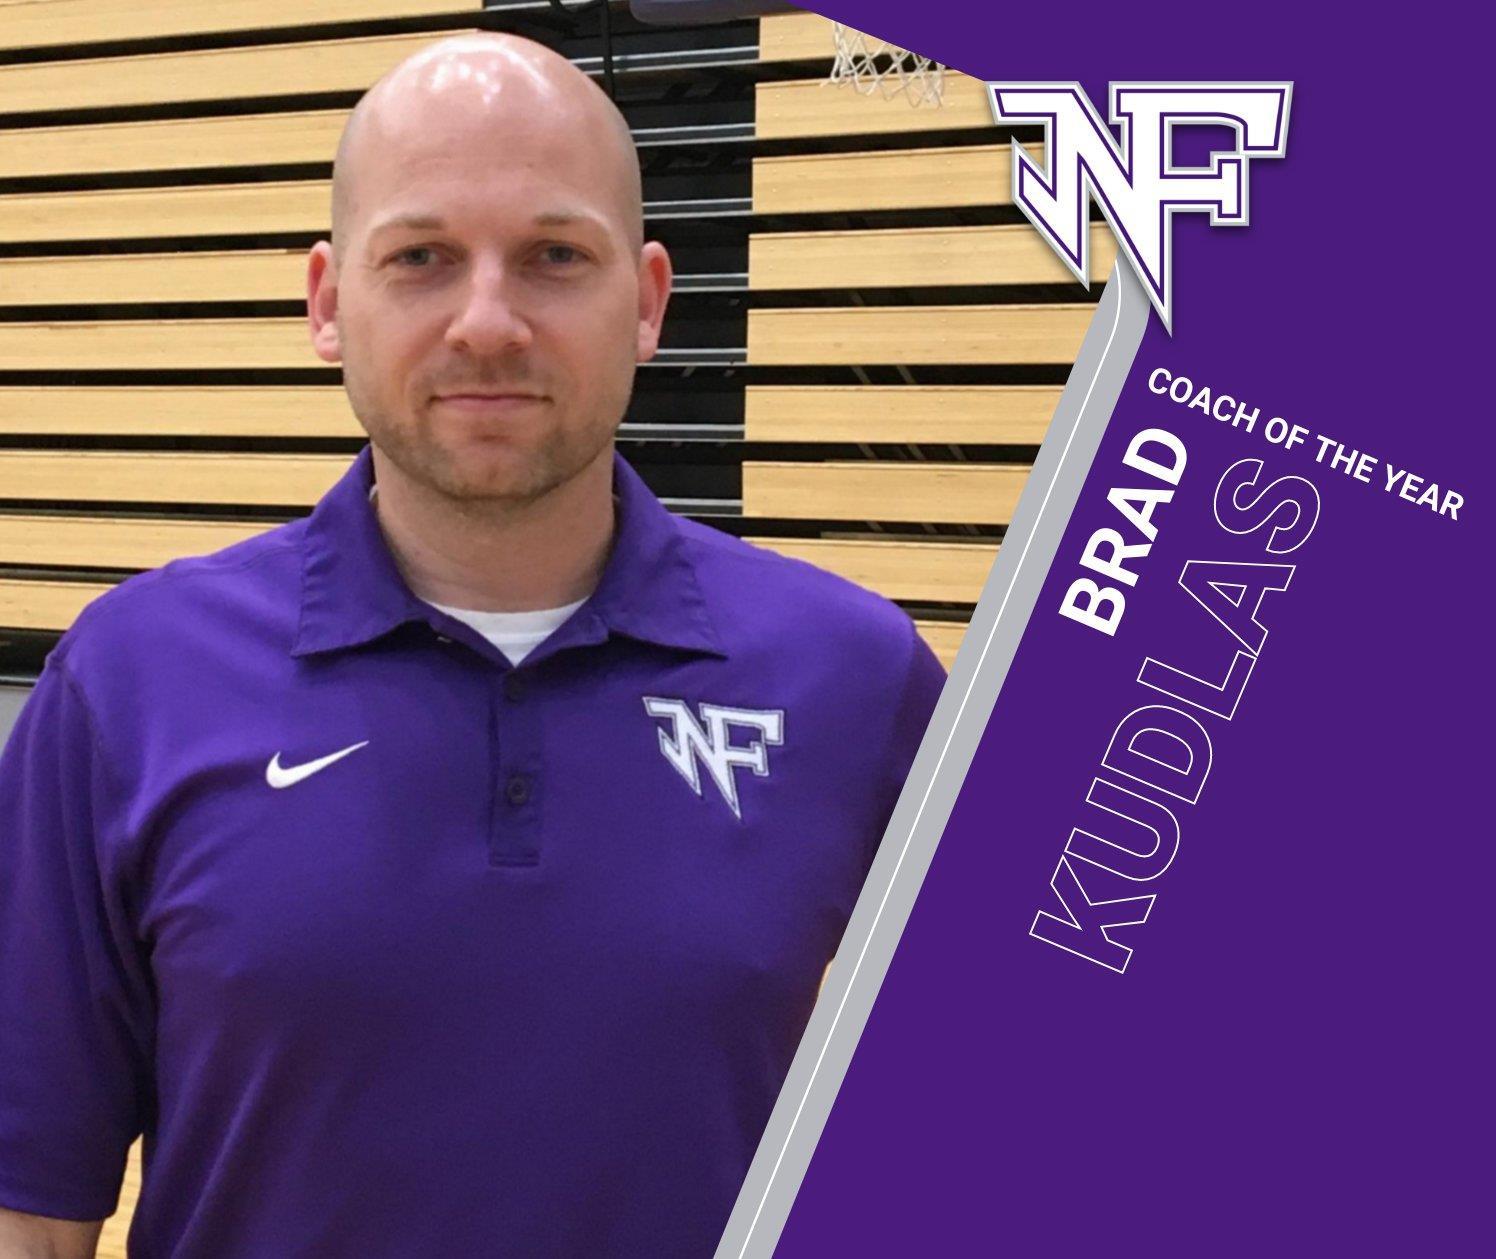 Congrats Coach Kudlas